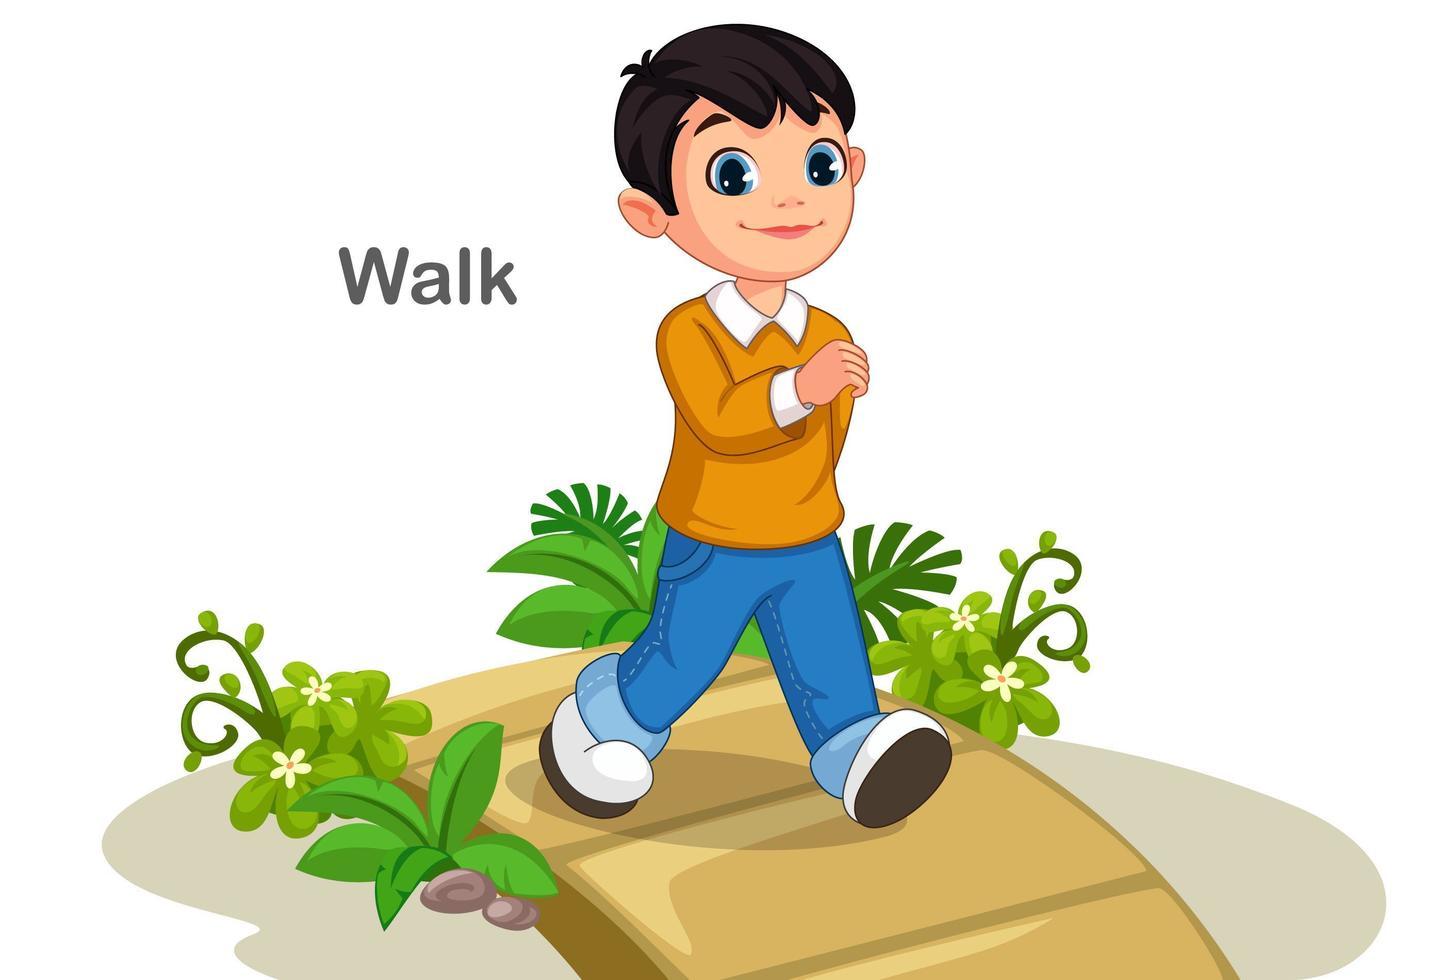 mignon garçon marchant sur le chemin vecteur